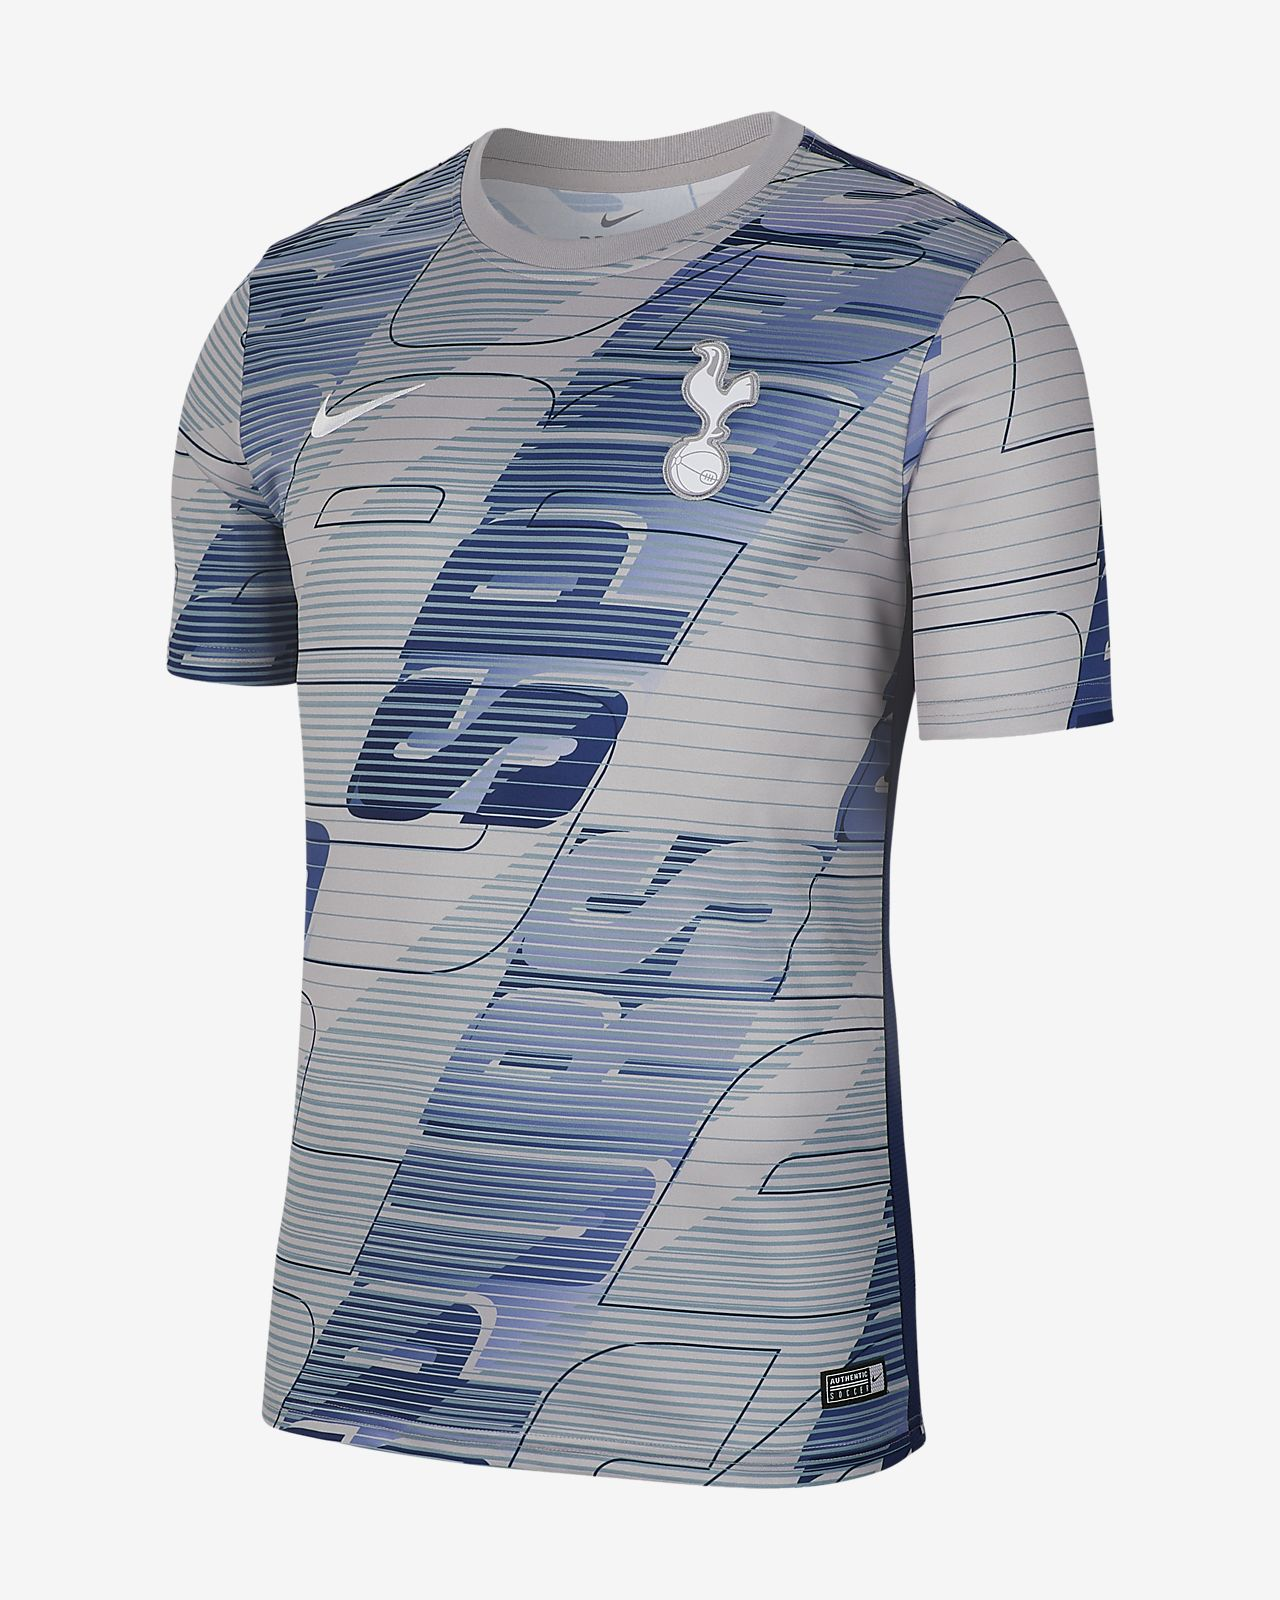 Maglia da calcio a manica corta Tottenham Hotspur - Uomo